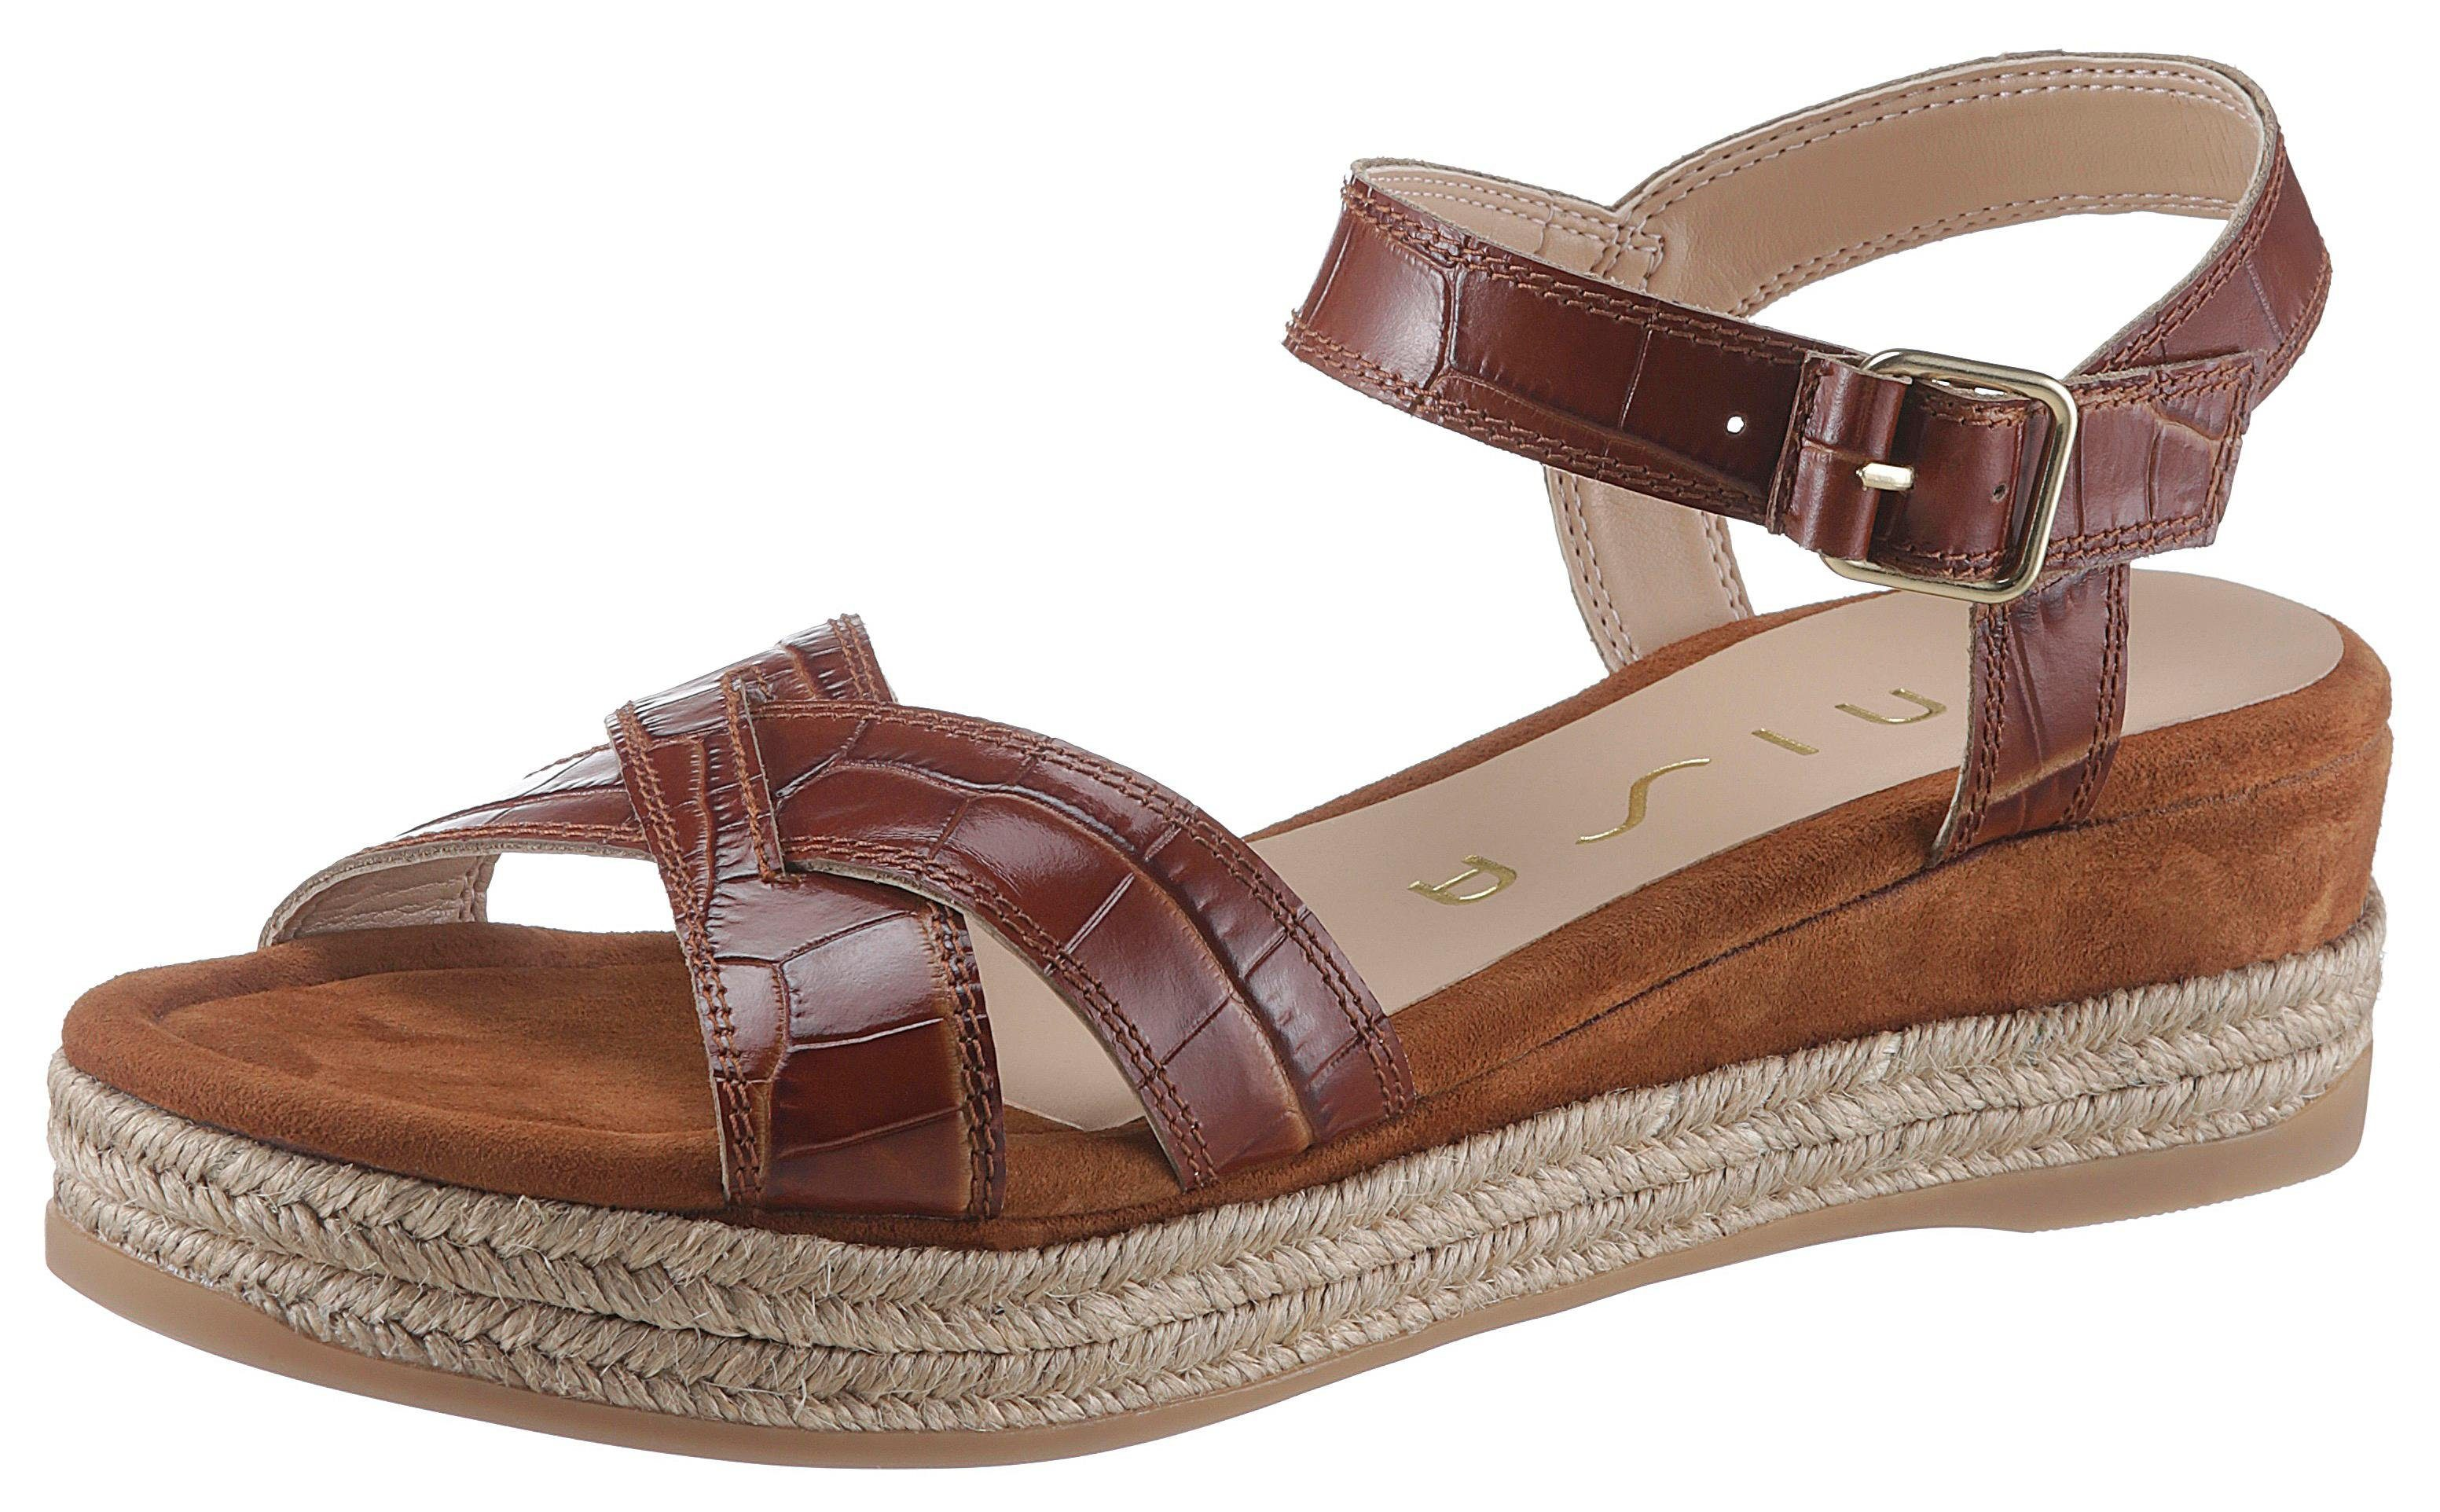 Unisa »Granada« Sandalette mit trendiger Reptilprägung online kaufen   OTTO